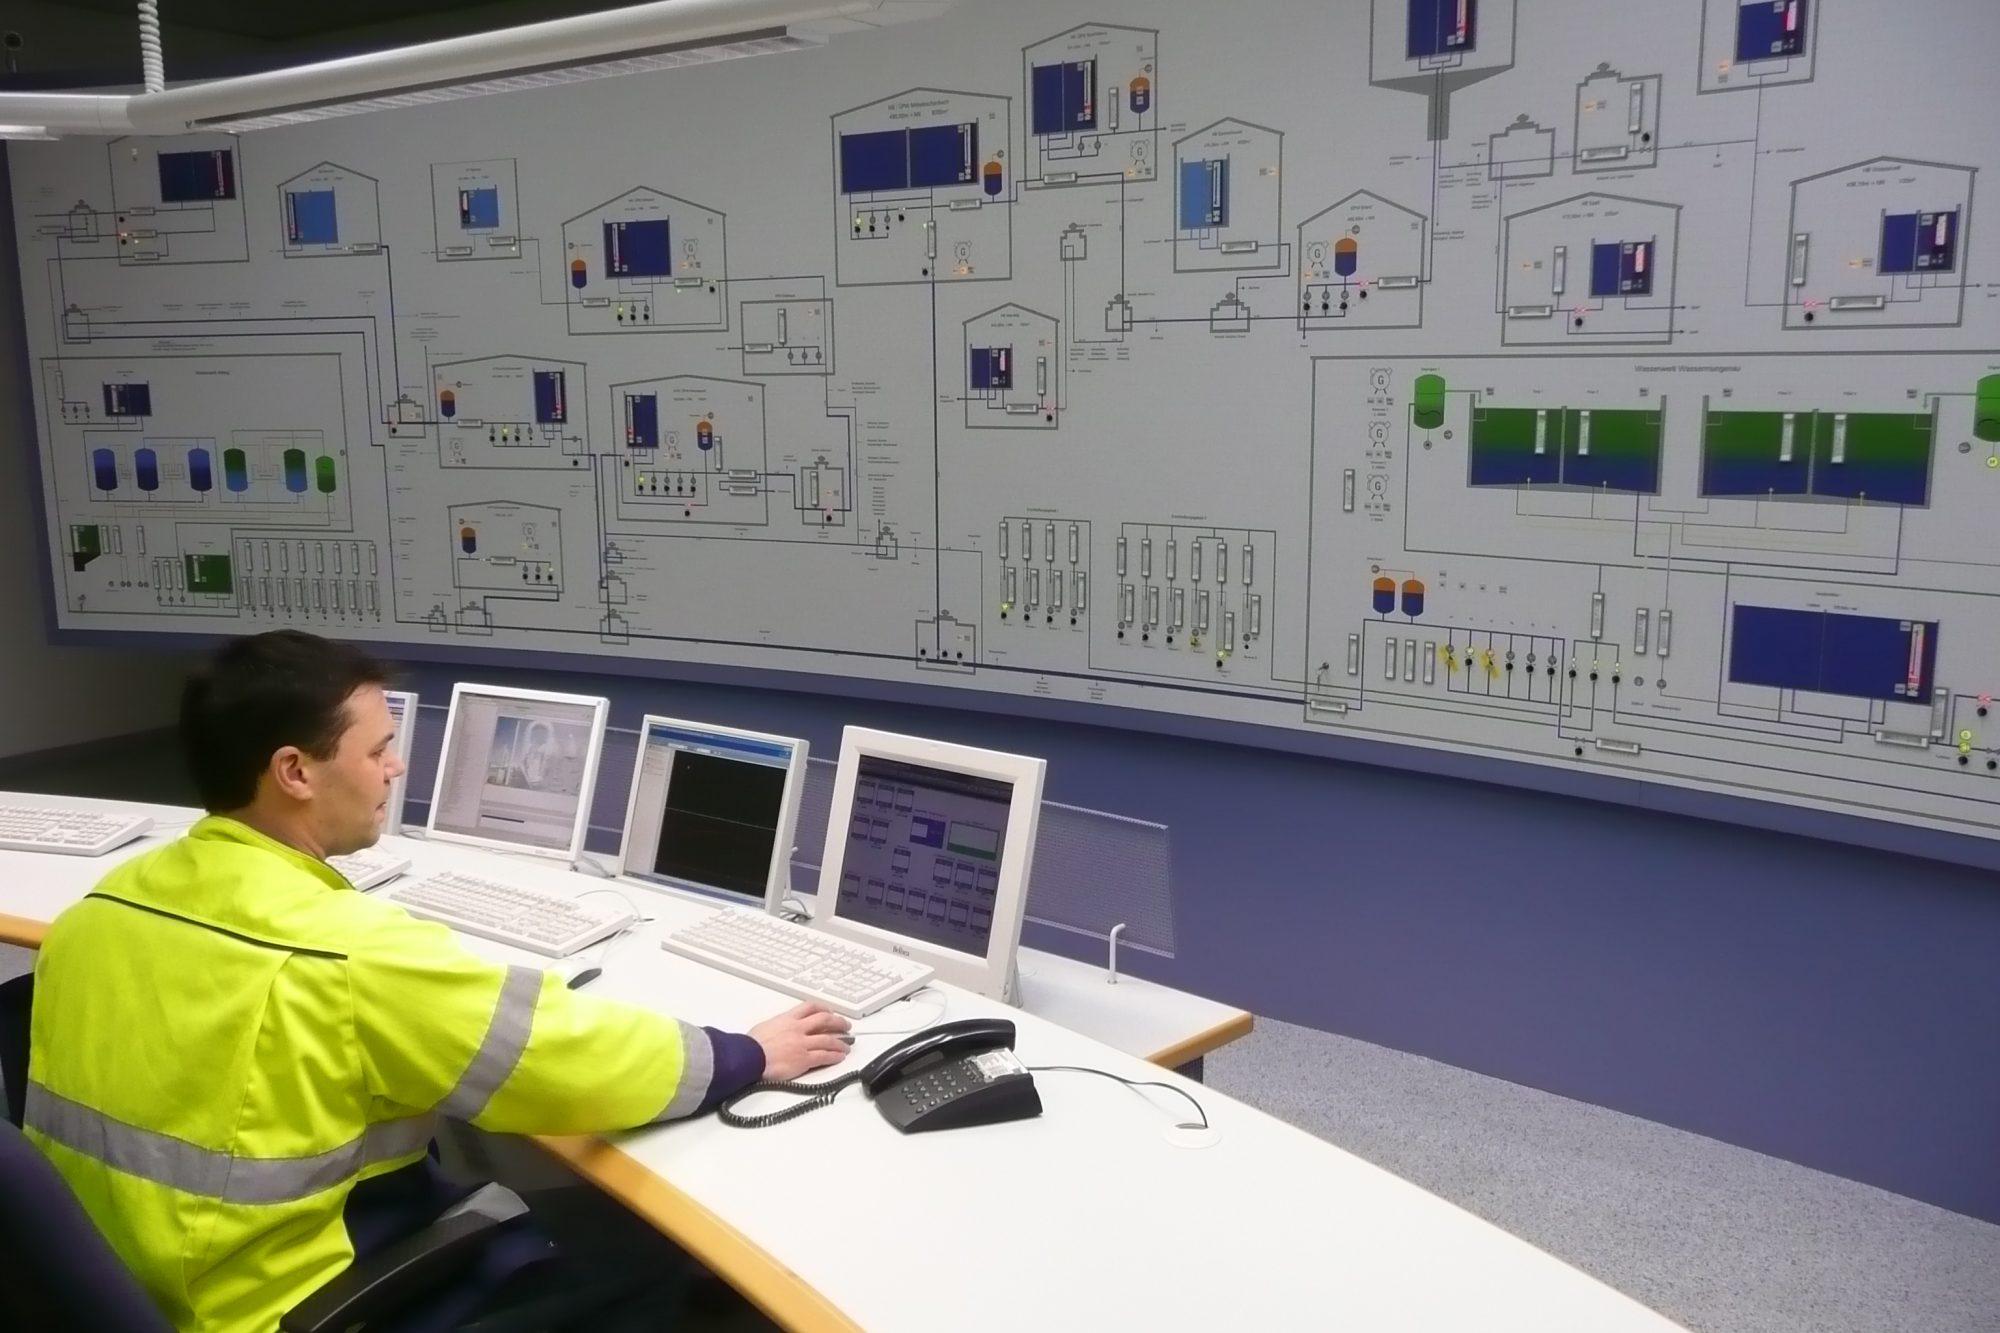 Ein Techniker sitzt an einem Tisch mit Computermonitoren vor einer großen Wand mit technischen Diagrammen und Anzeigen zur Überwachung von Anlagenteilen.